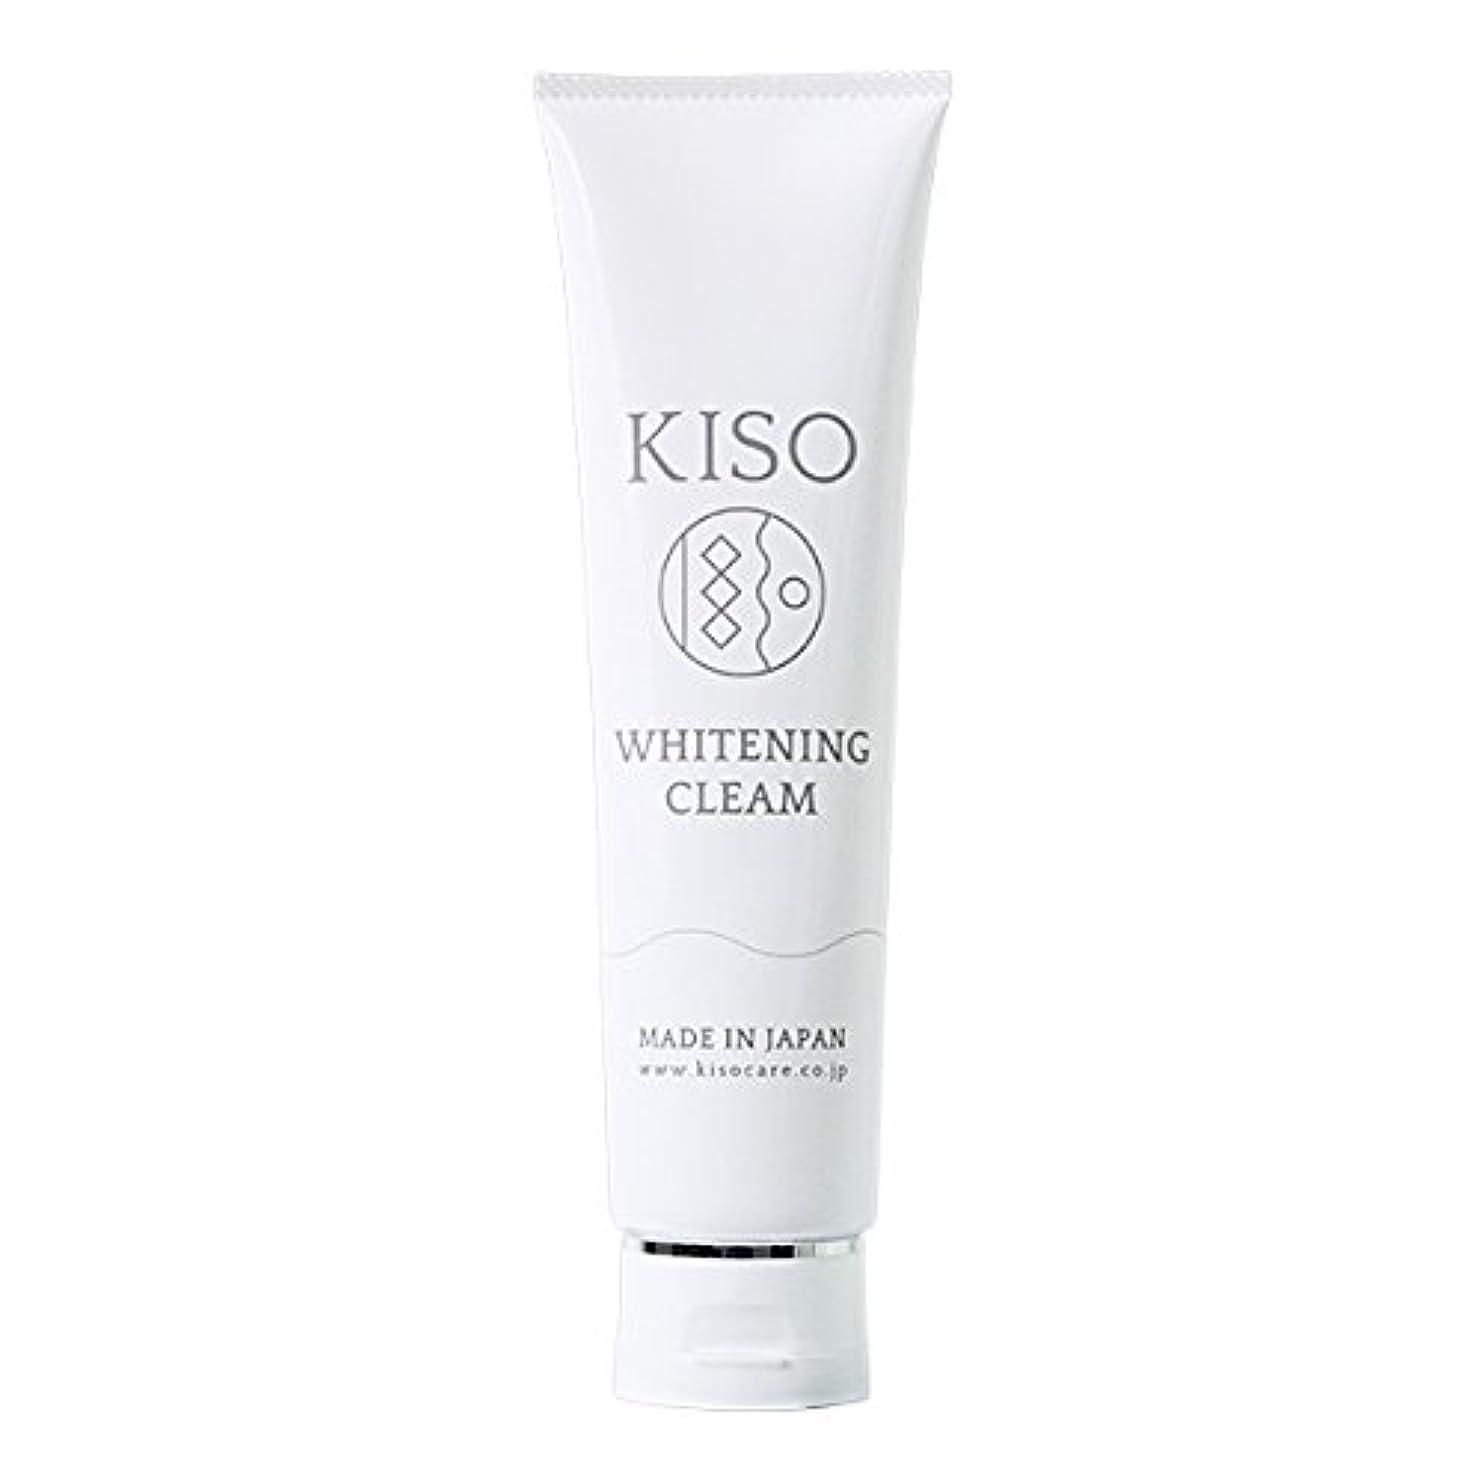 スチュワード節約デザート【KISO 薬用 ホワイトニング クリーム 150g】 【医薬部外品】トラネキサム酸2%配合クリーム。